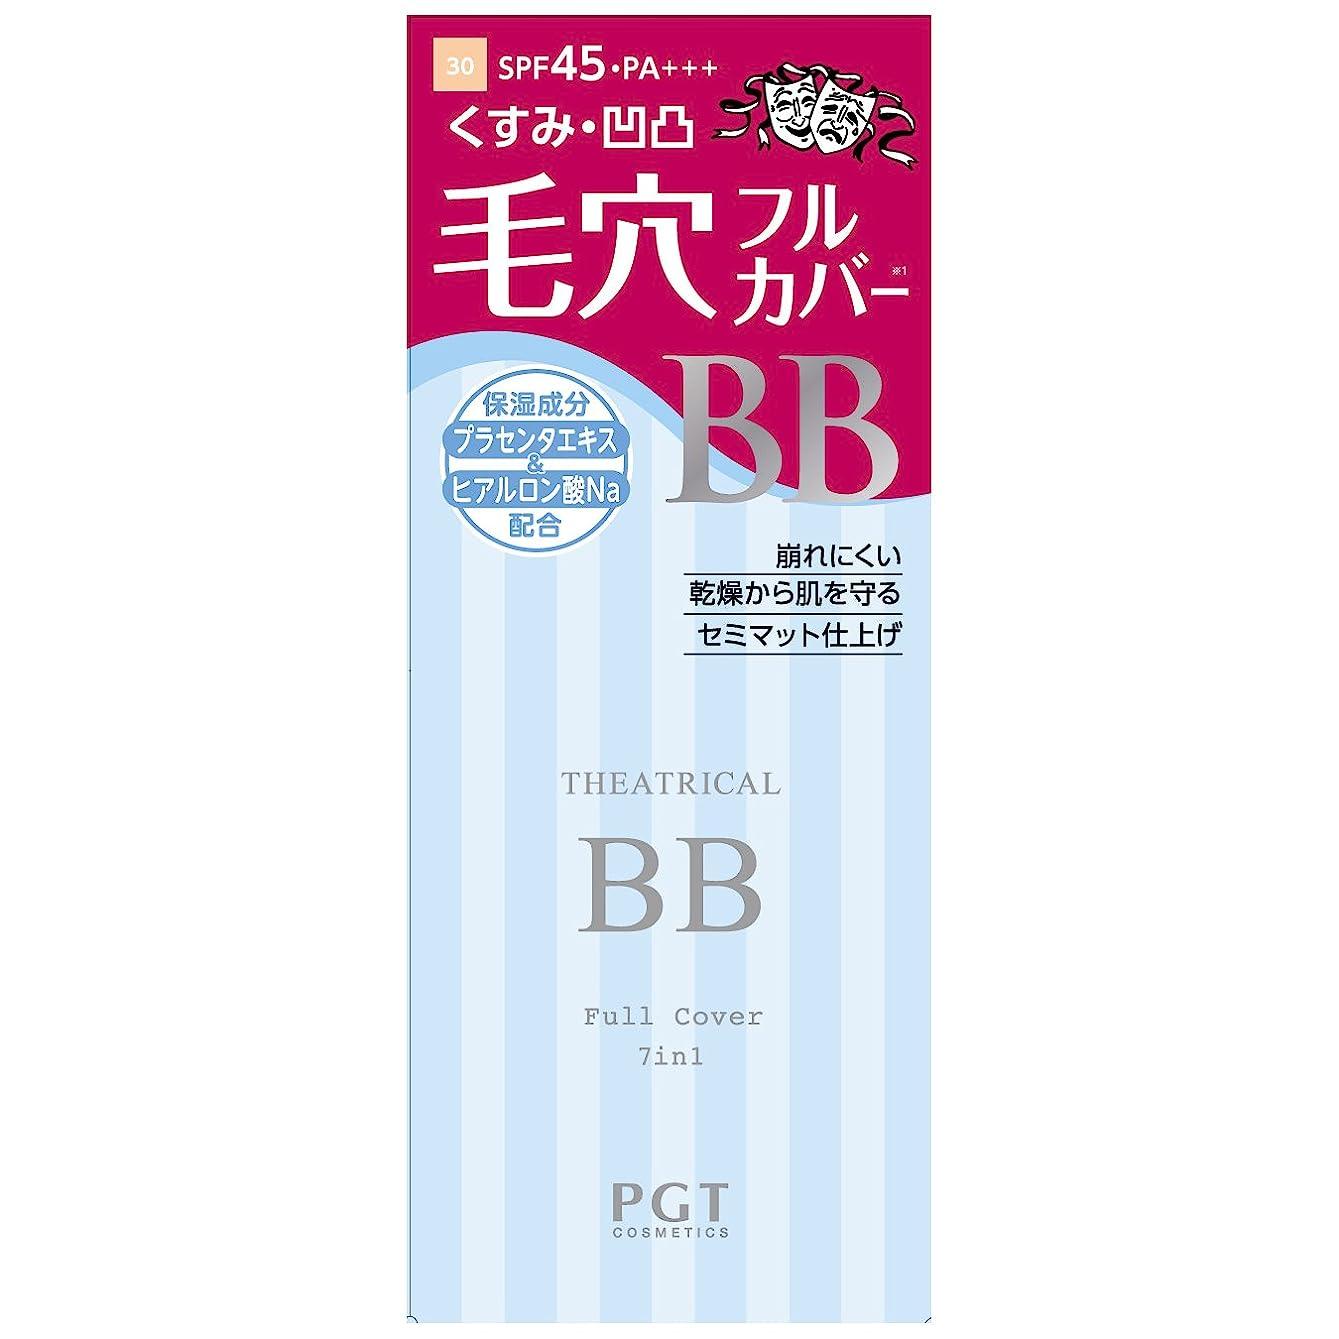 満足させるボリューム腹パルガントン シアトリカルBBクリーム#30 ナチュラルオークル  25g SPF45/PA+++